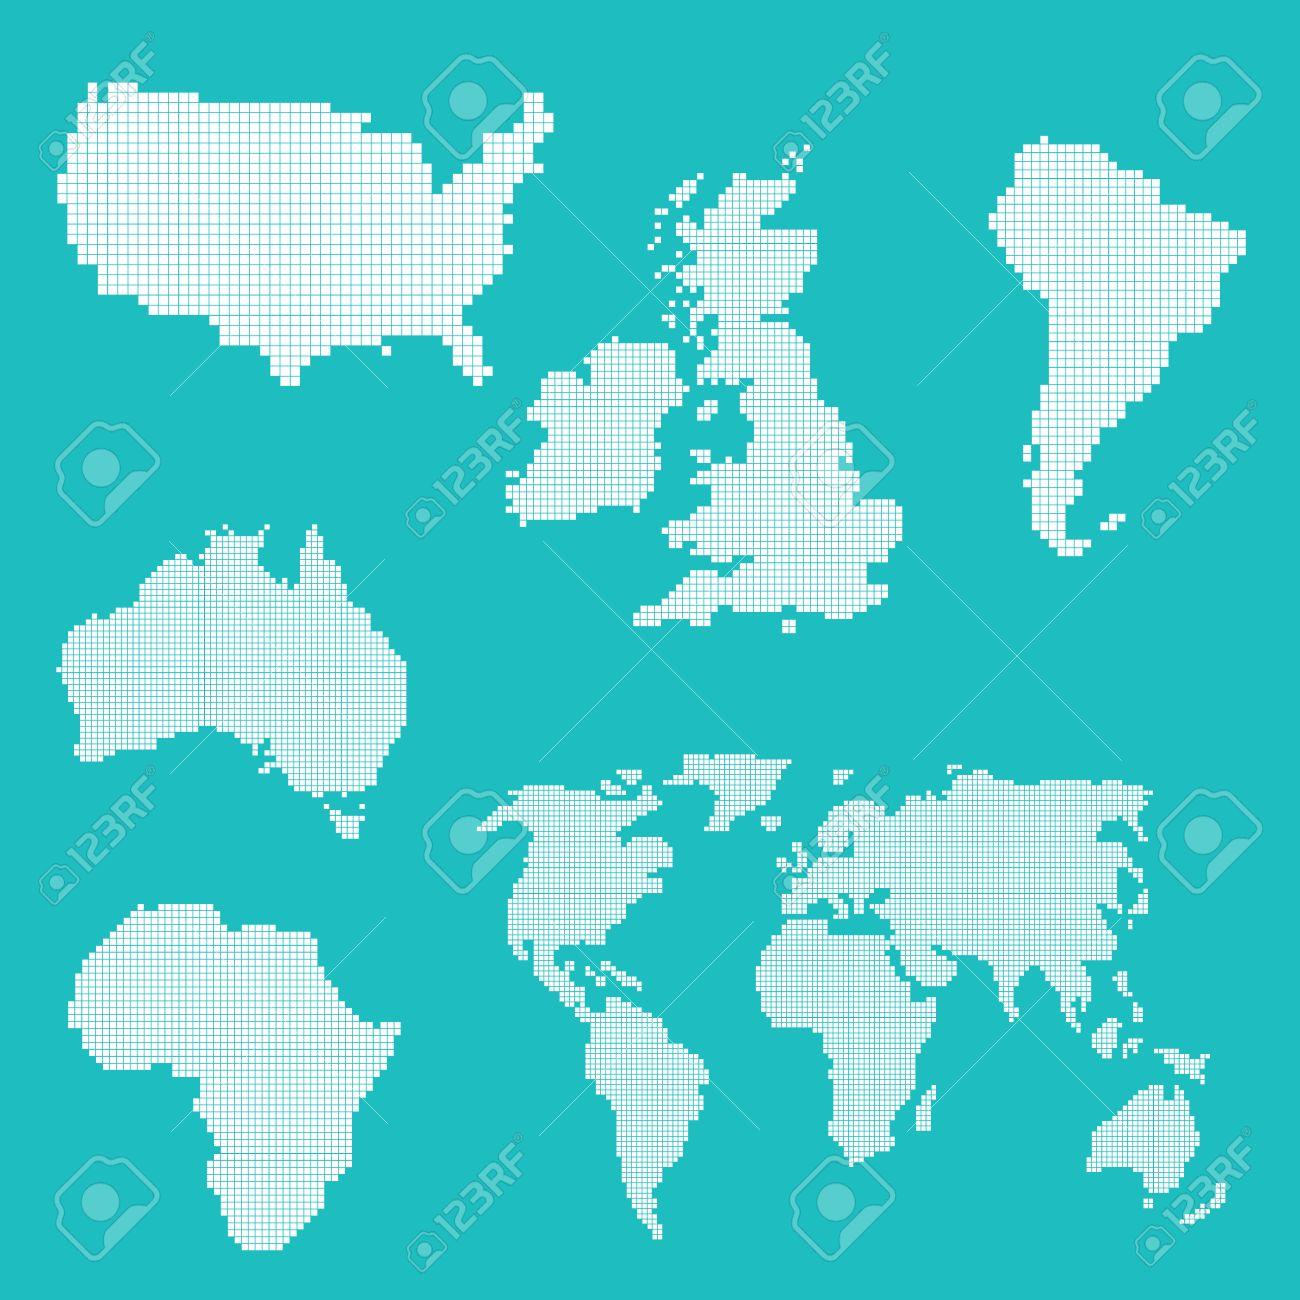 Un Ensemble De Vecteur De Pixels Art Des Icônes Avec Une Carte Du Monde Des états Unis Et Royaume Uni Formes